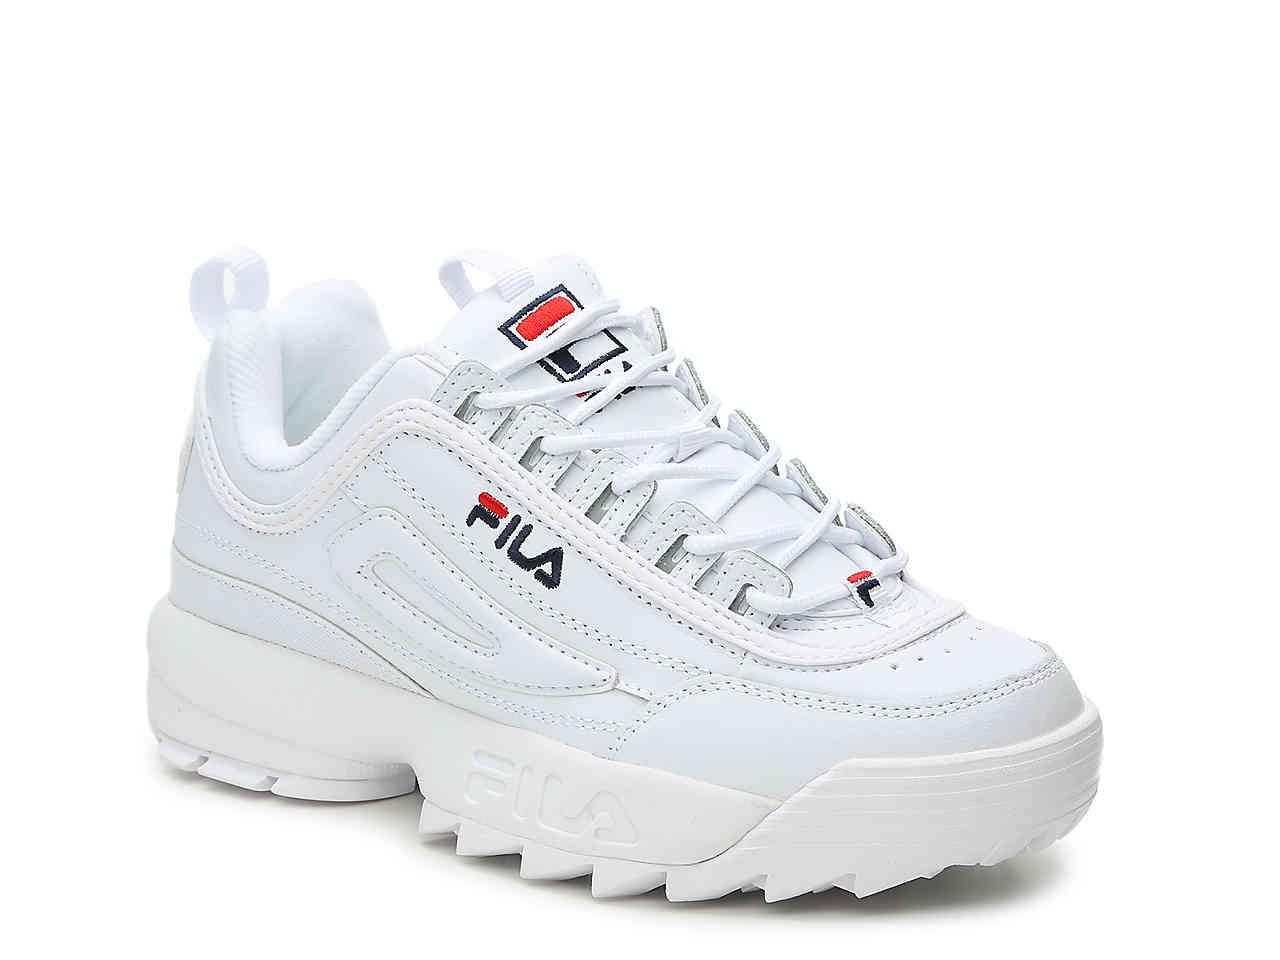 Czy warto kupić buty fila disruptor? Zapytaj.onet.pl